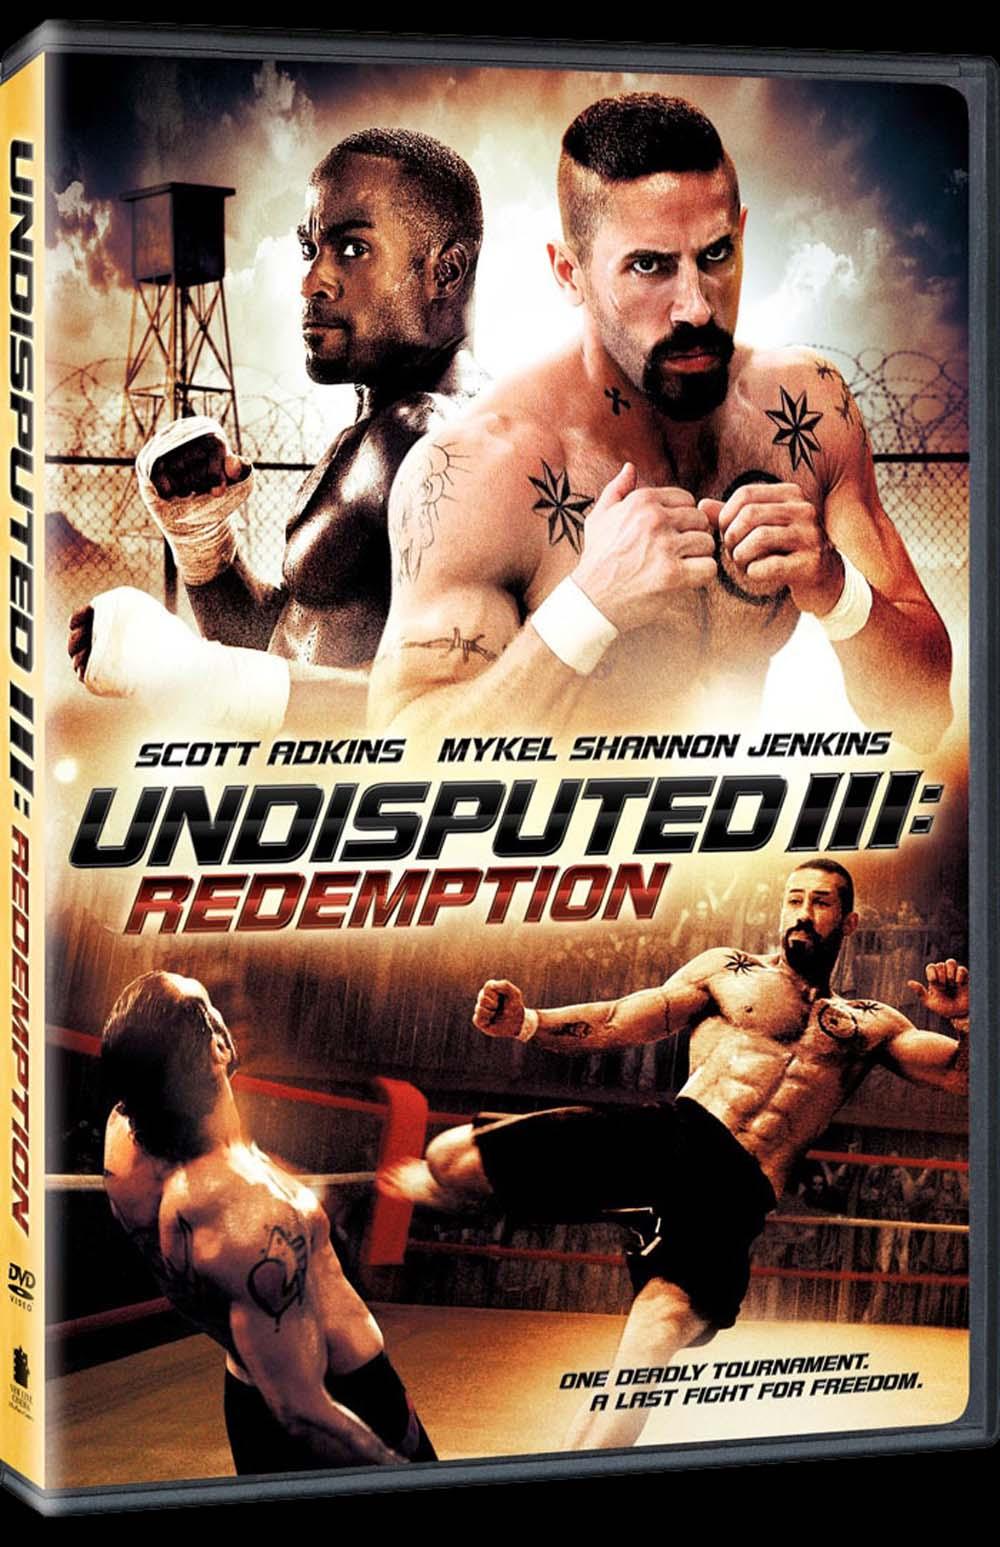 Undisputed 3 HD Movie Watch Online